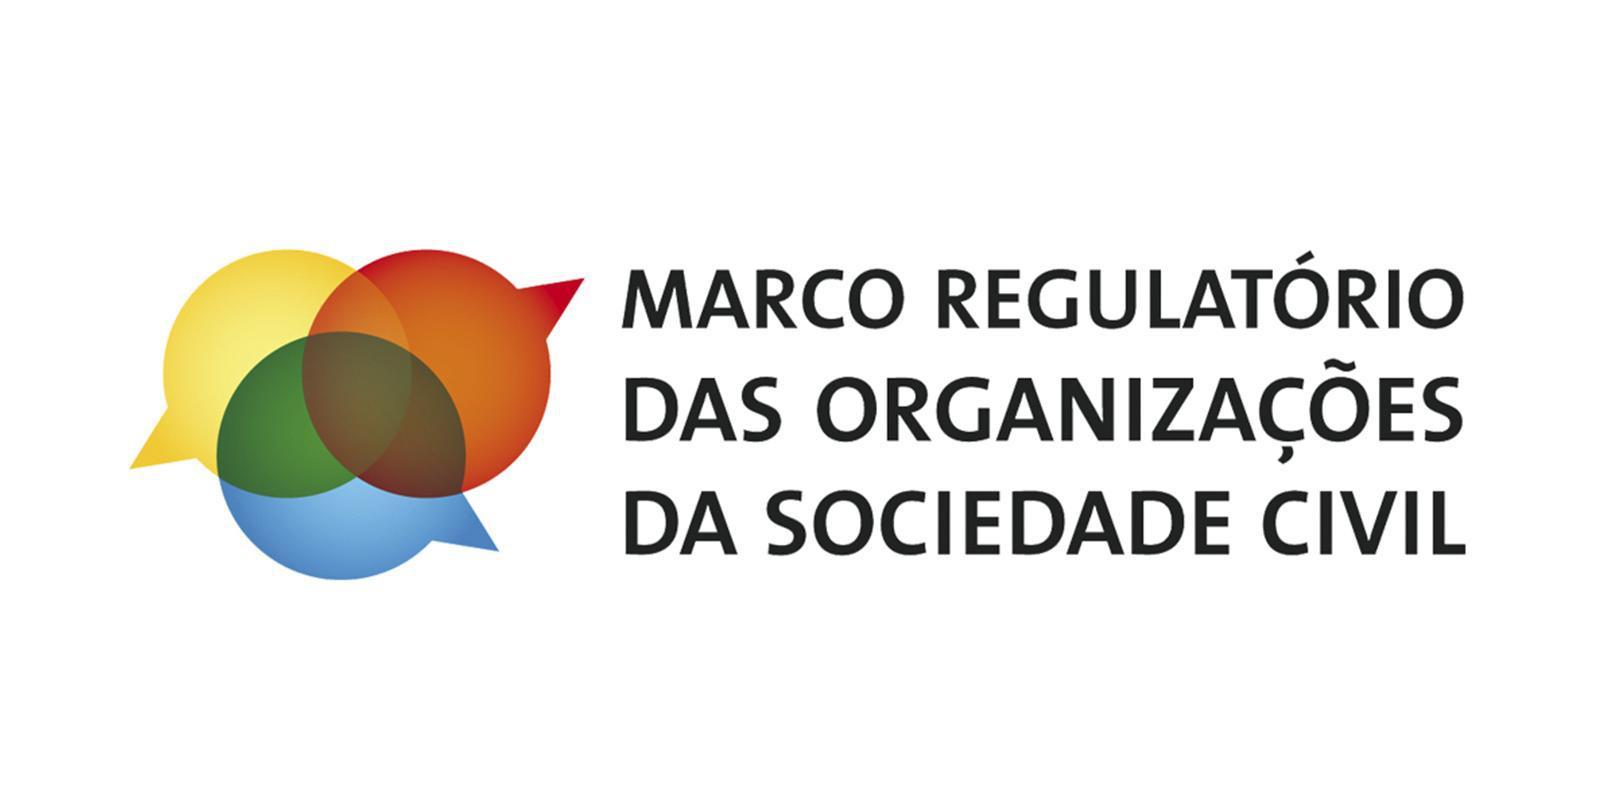 Marco Regulatório das Organizações da Sociedade Civil no SUAS